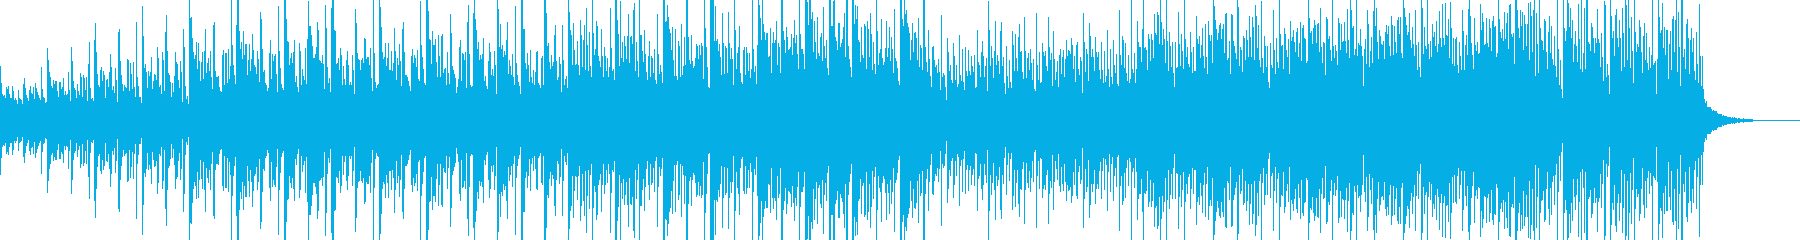 和風ほんわかBGMの再生済みの波形